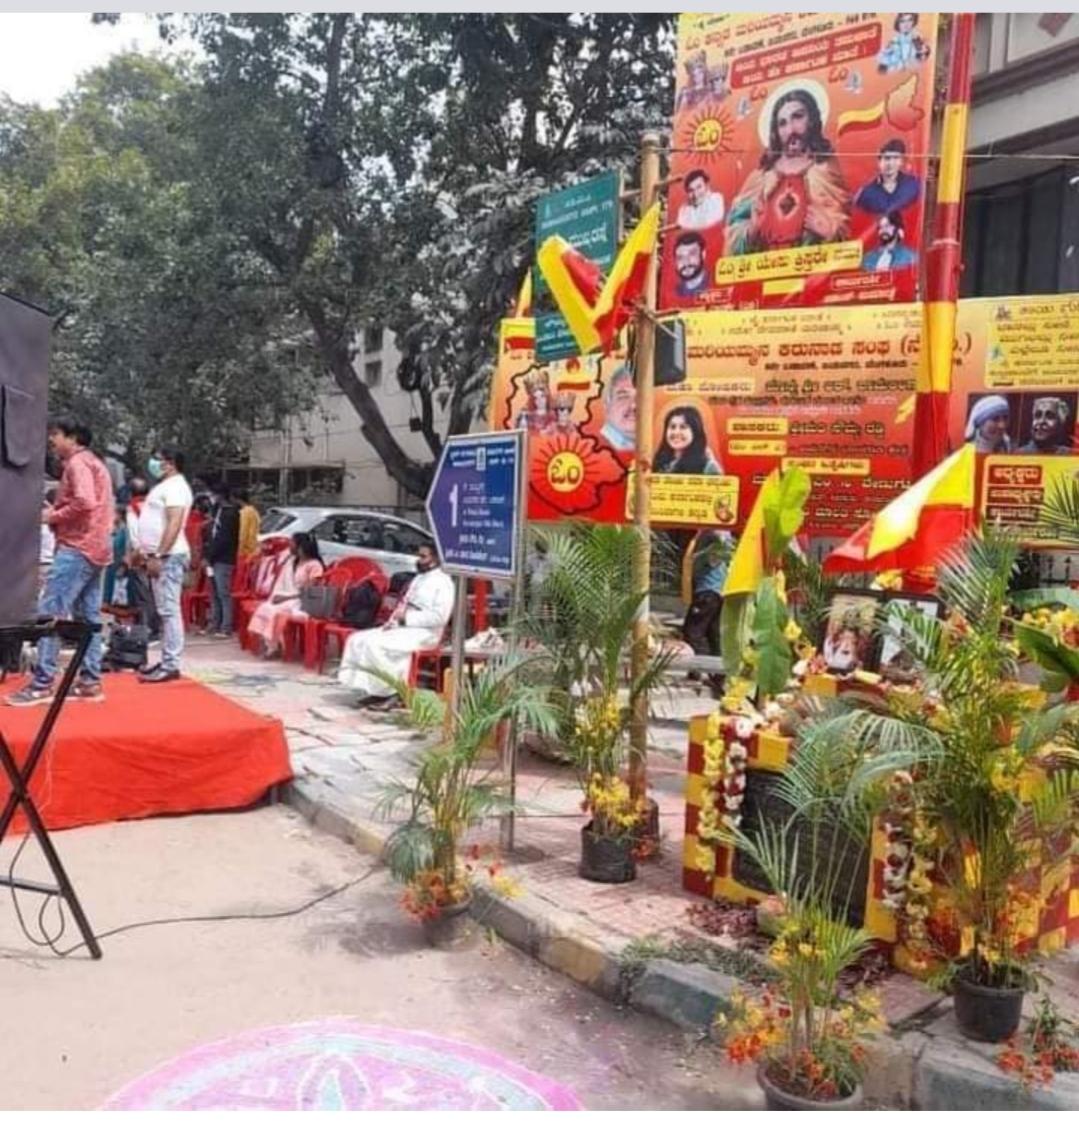 ಕರ್ನಾಟಕ ರಾಜಧಾನಿ ಬೆಂಗಳೂರಿನಲ್ಲಿ ಭುವನೇಶ್ವರಿಯೇಮಾಯ